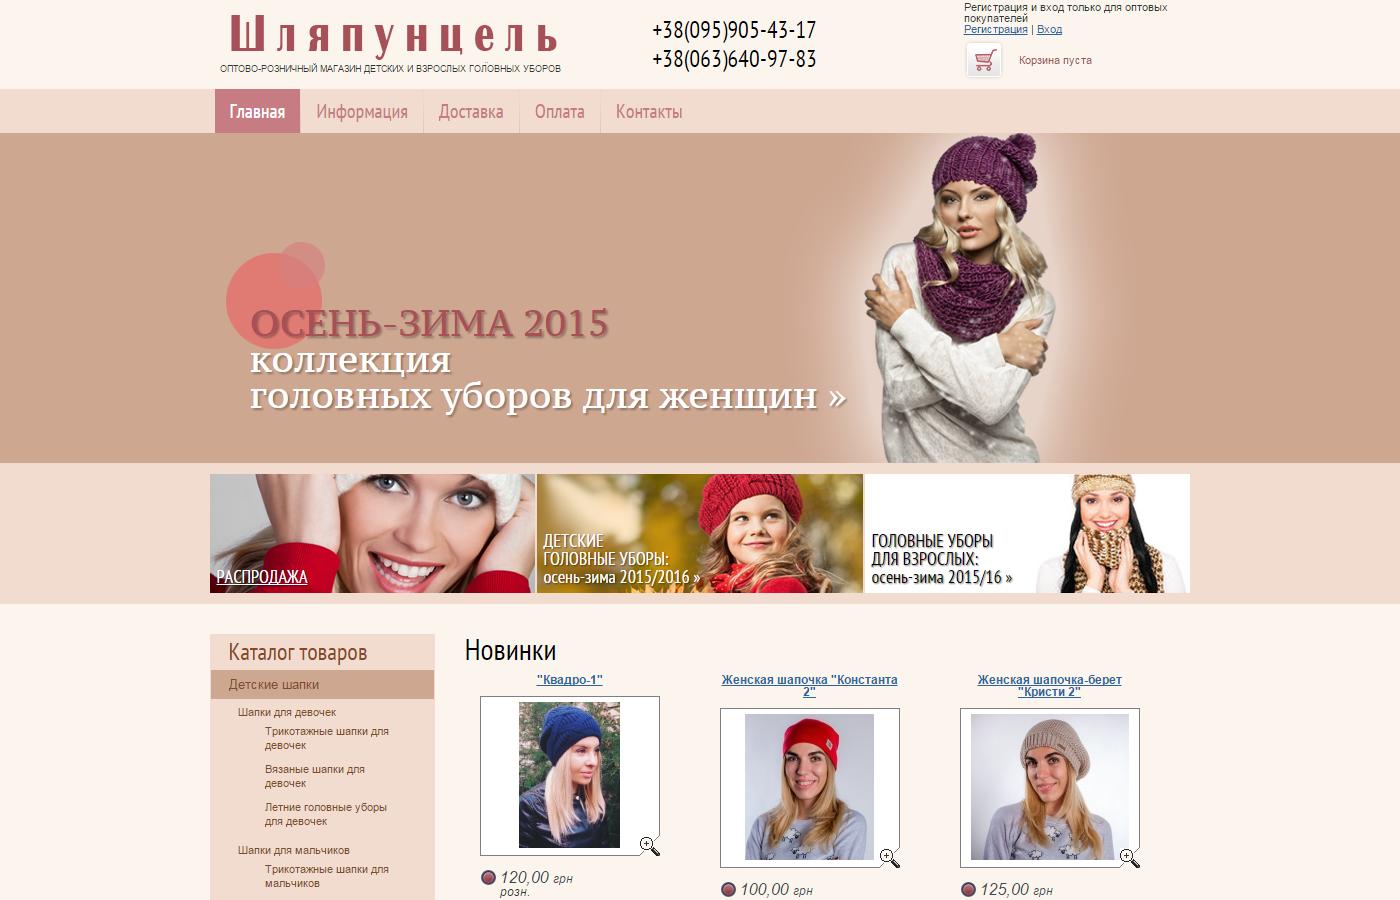 2014 - Шаблон сайта магазина головных уборов